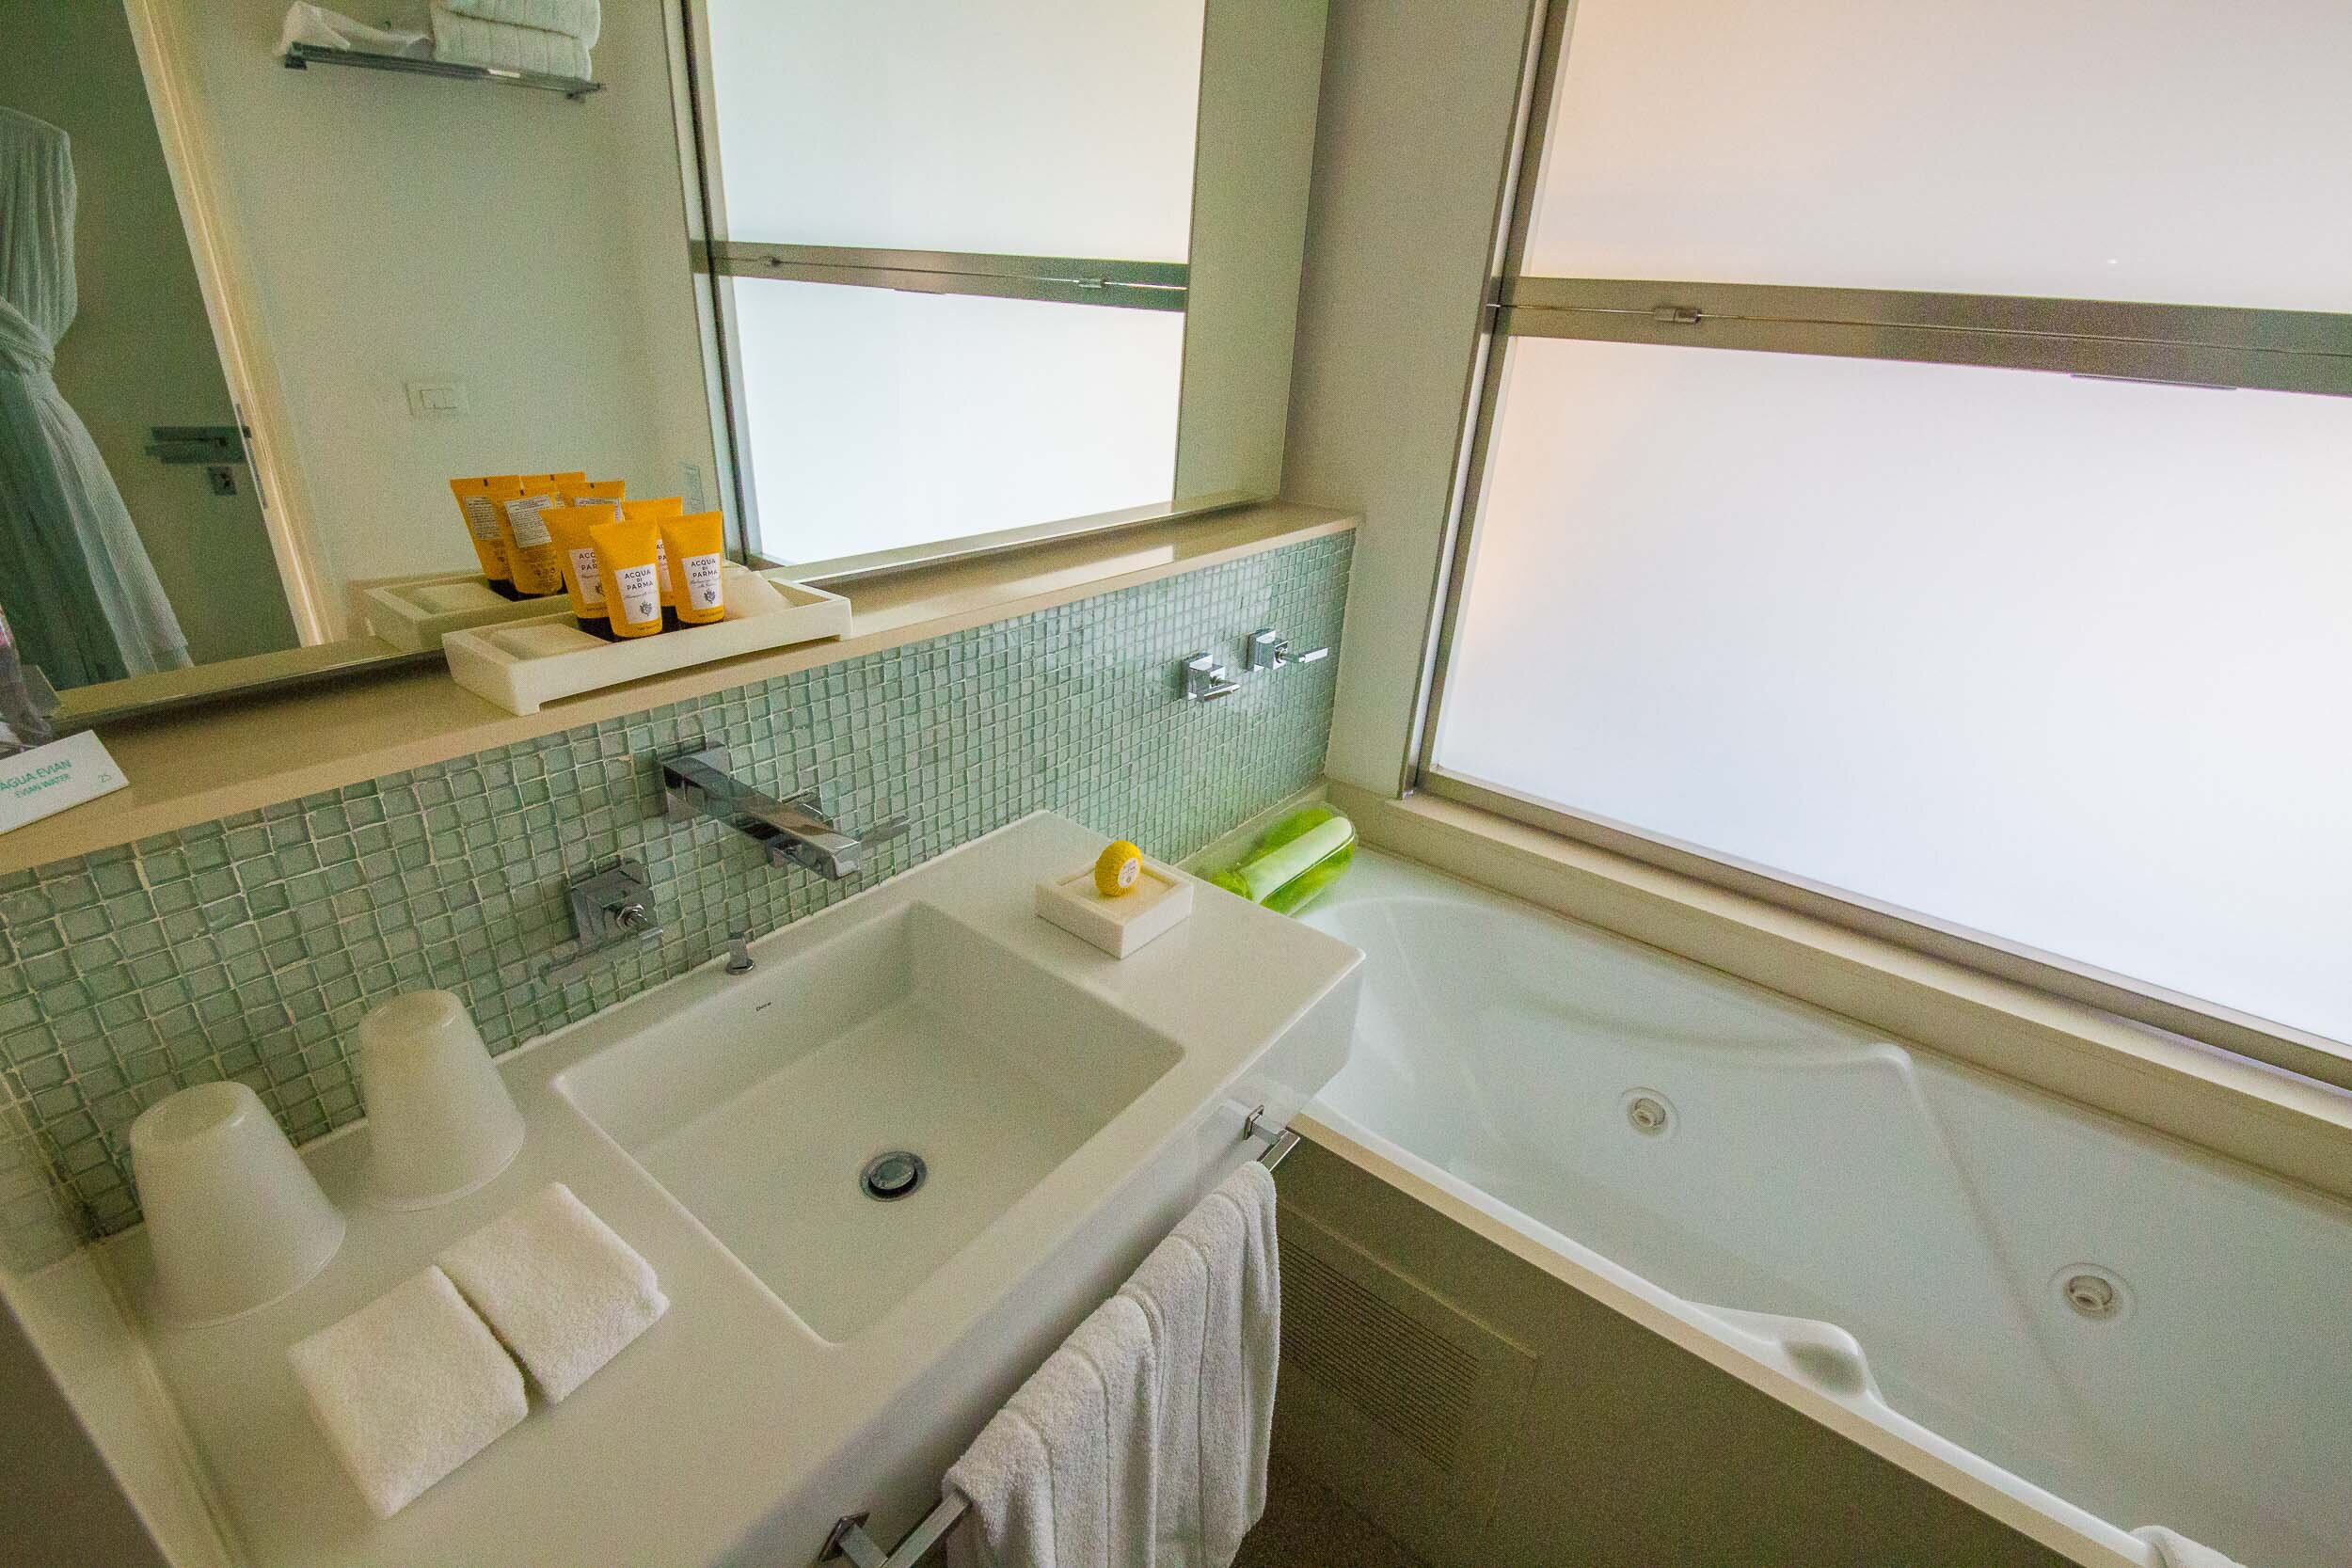 Bathroom, Hotel Unique, Sao Paulo, Brazil